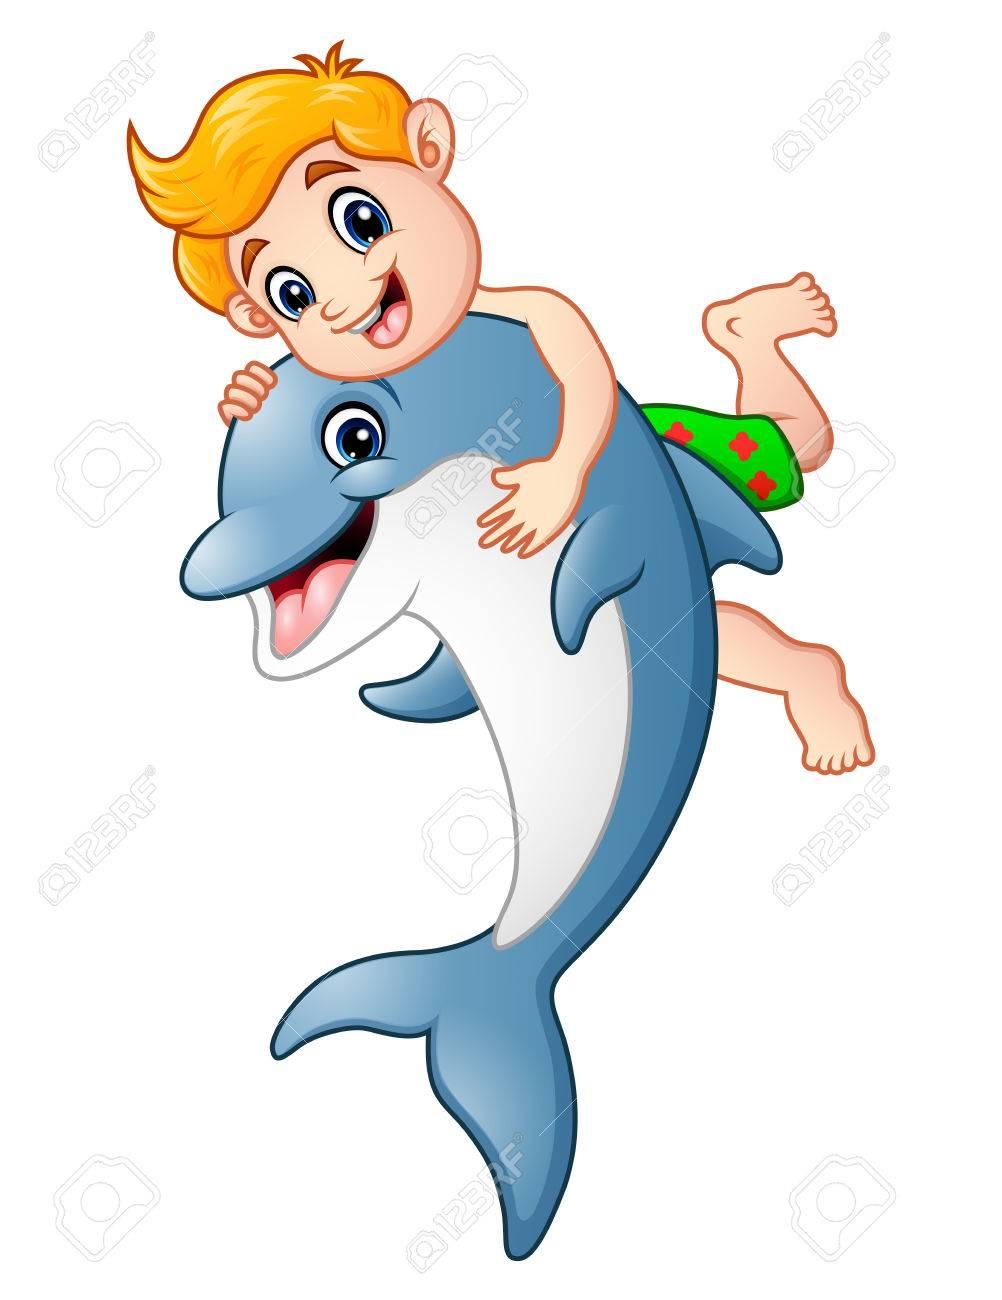 Dibujos Animados Niño Jugando Con Delfines Fotos Retratos Imágenes Y Fotografía De Archivo Libres De Derecho Image 75548234